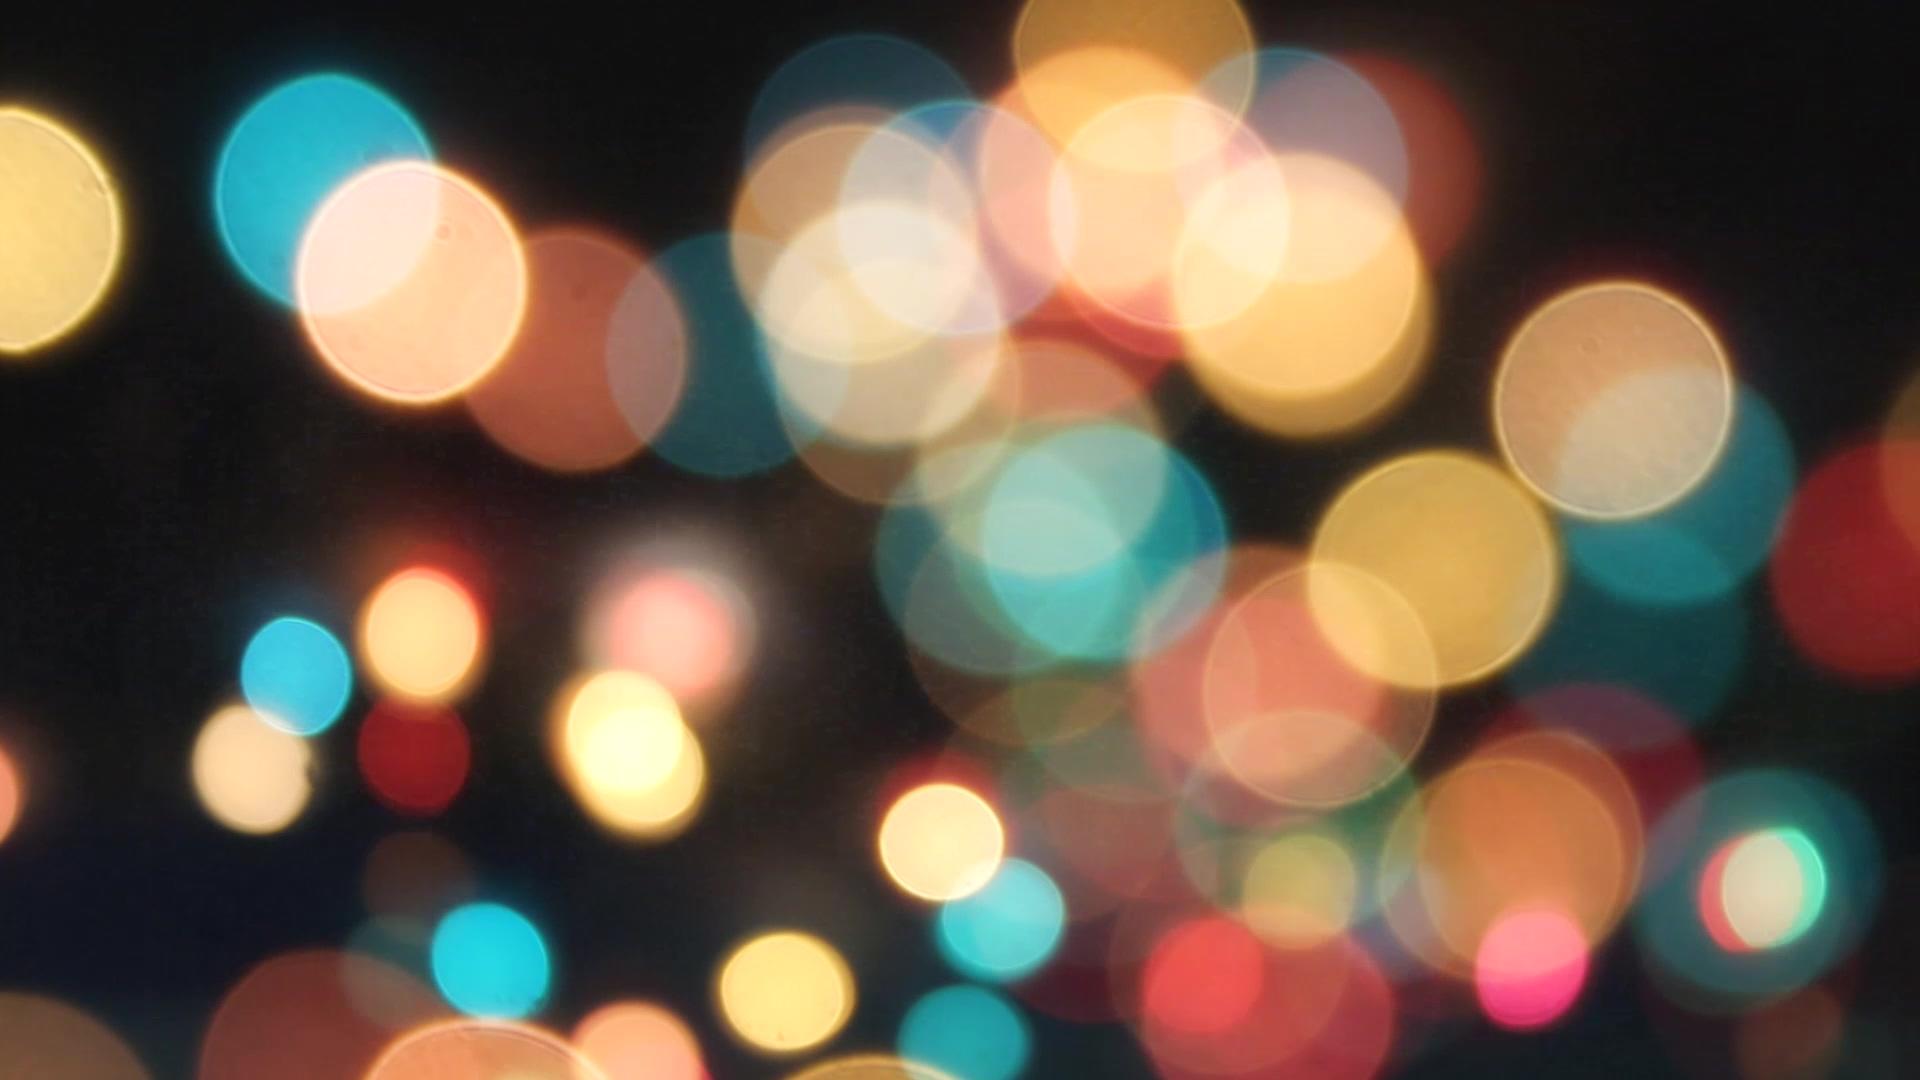 唯美朦胧光效缤纷圆圈层叠闪烁变幻屏幕动态背景视频素材